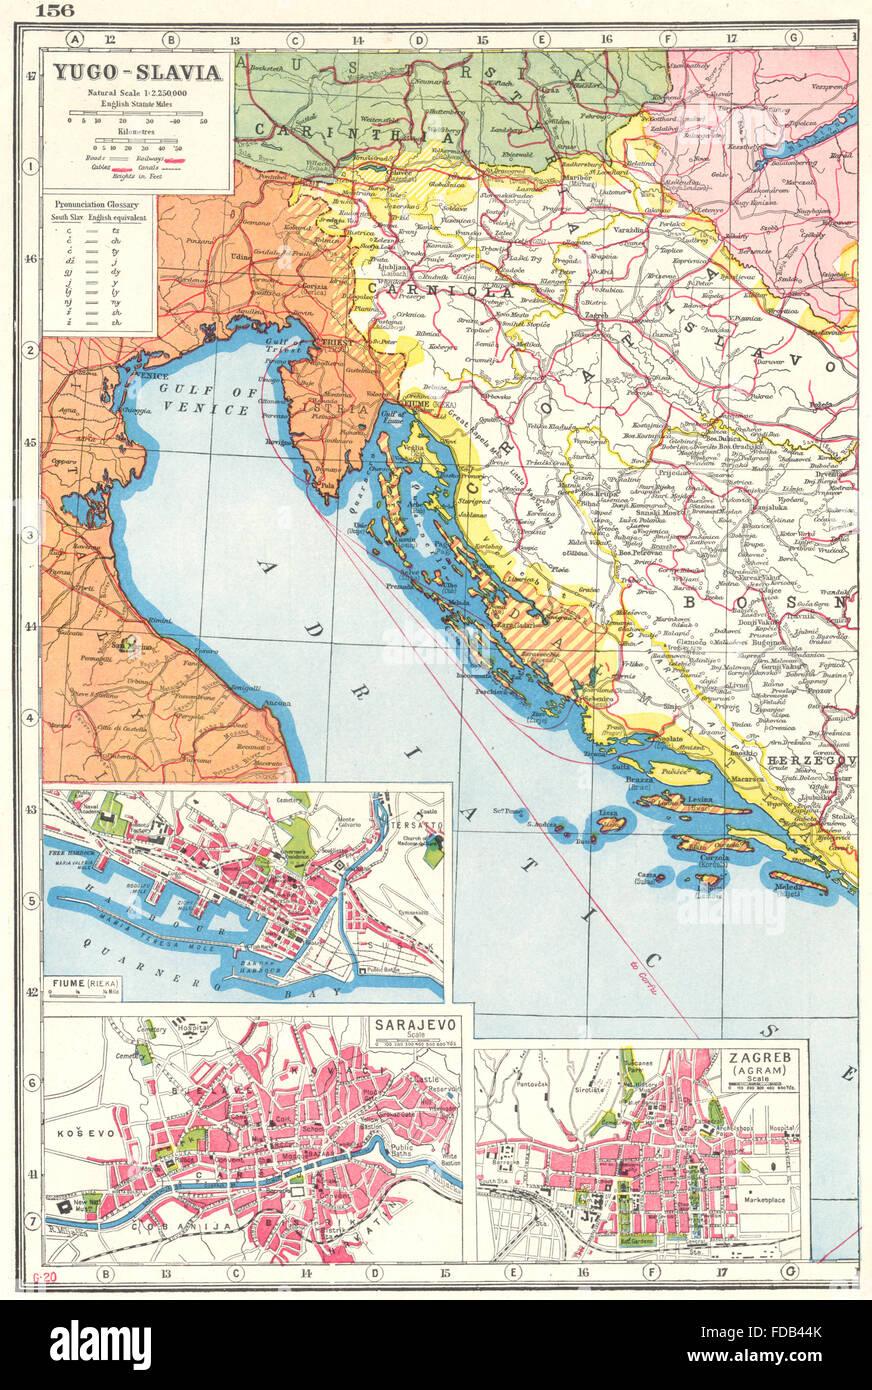 Jugoslawien Karte.Jugoslawien West Kroatien Slowenien Bosnien Inset Rijeka Sarajewo